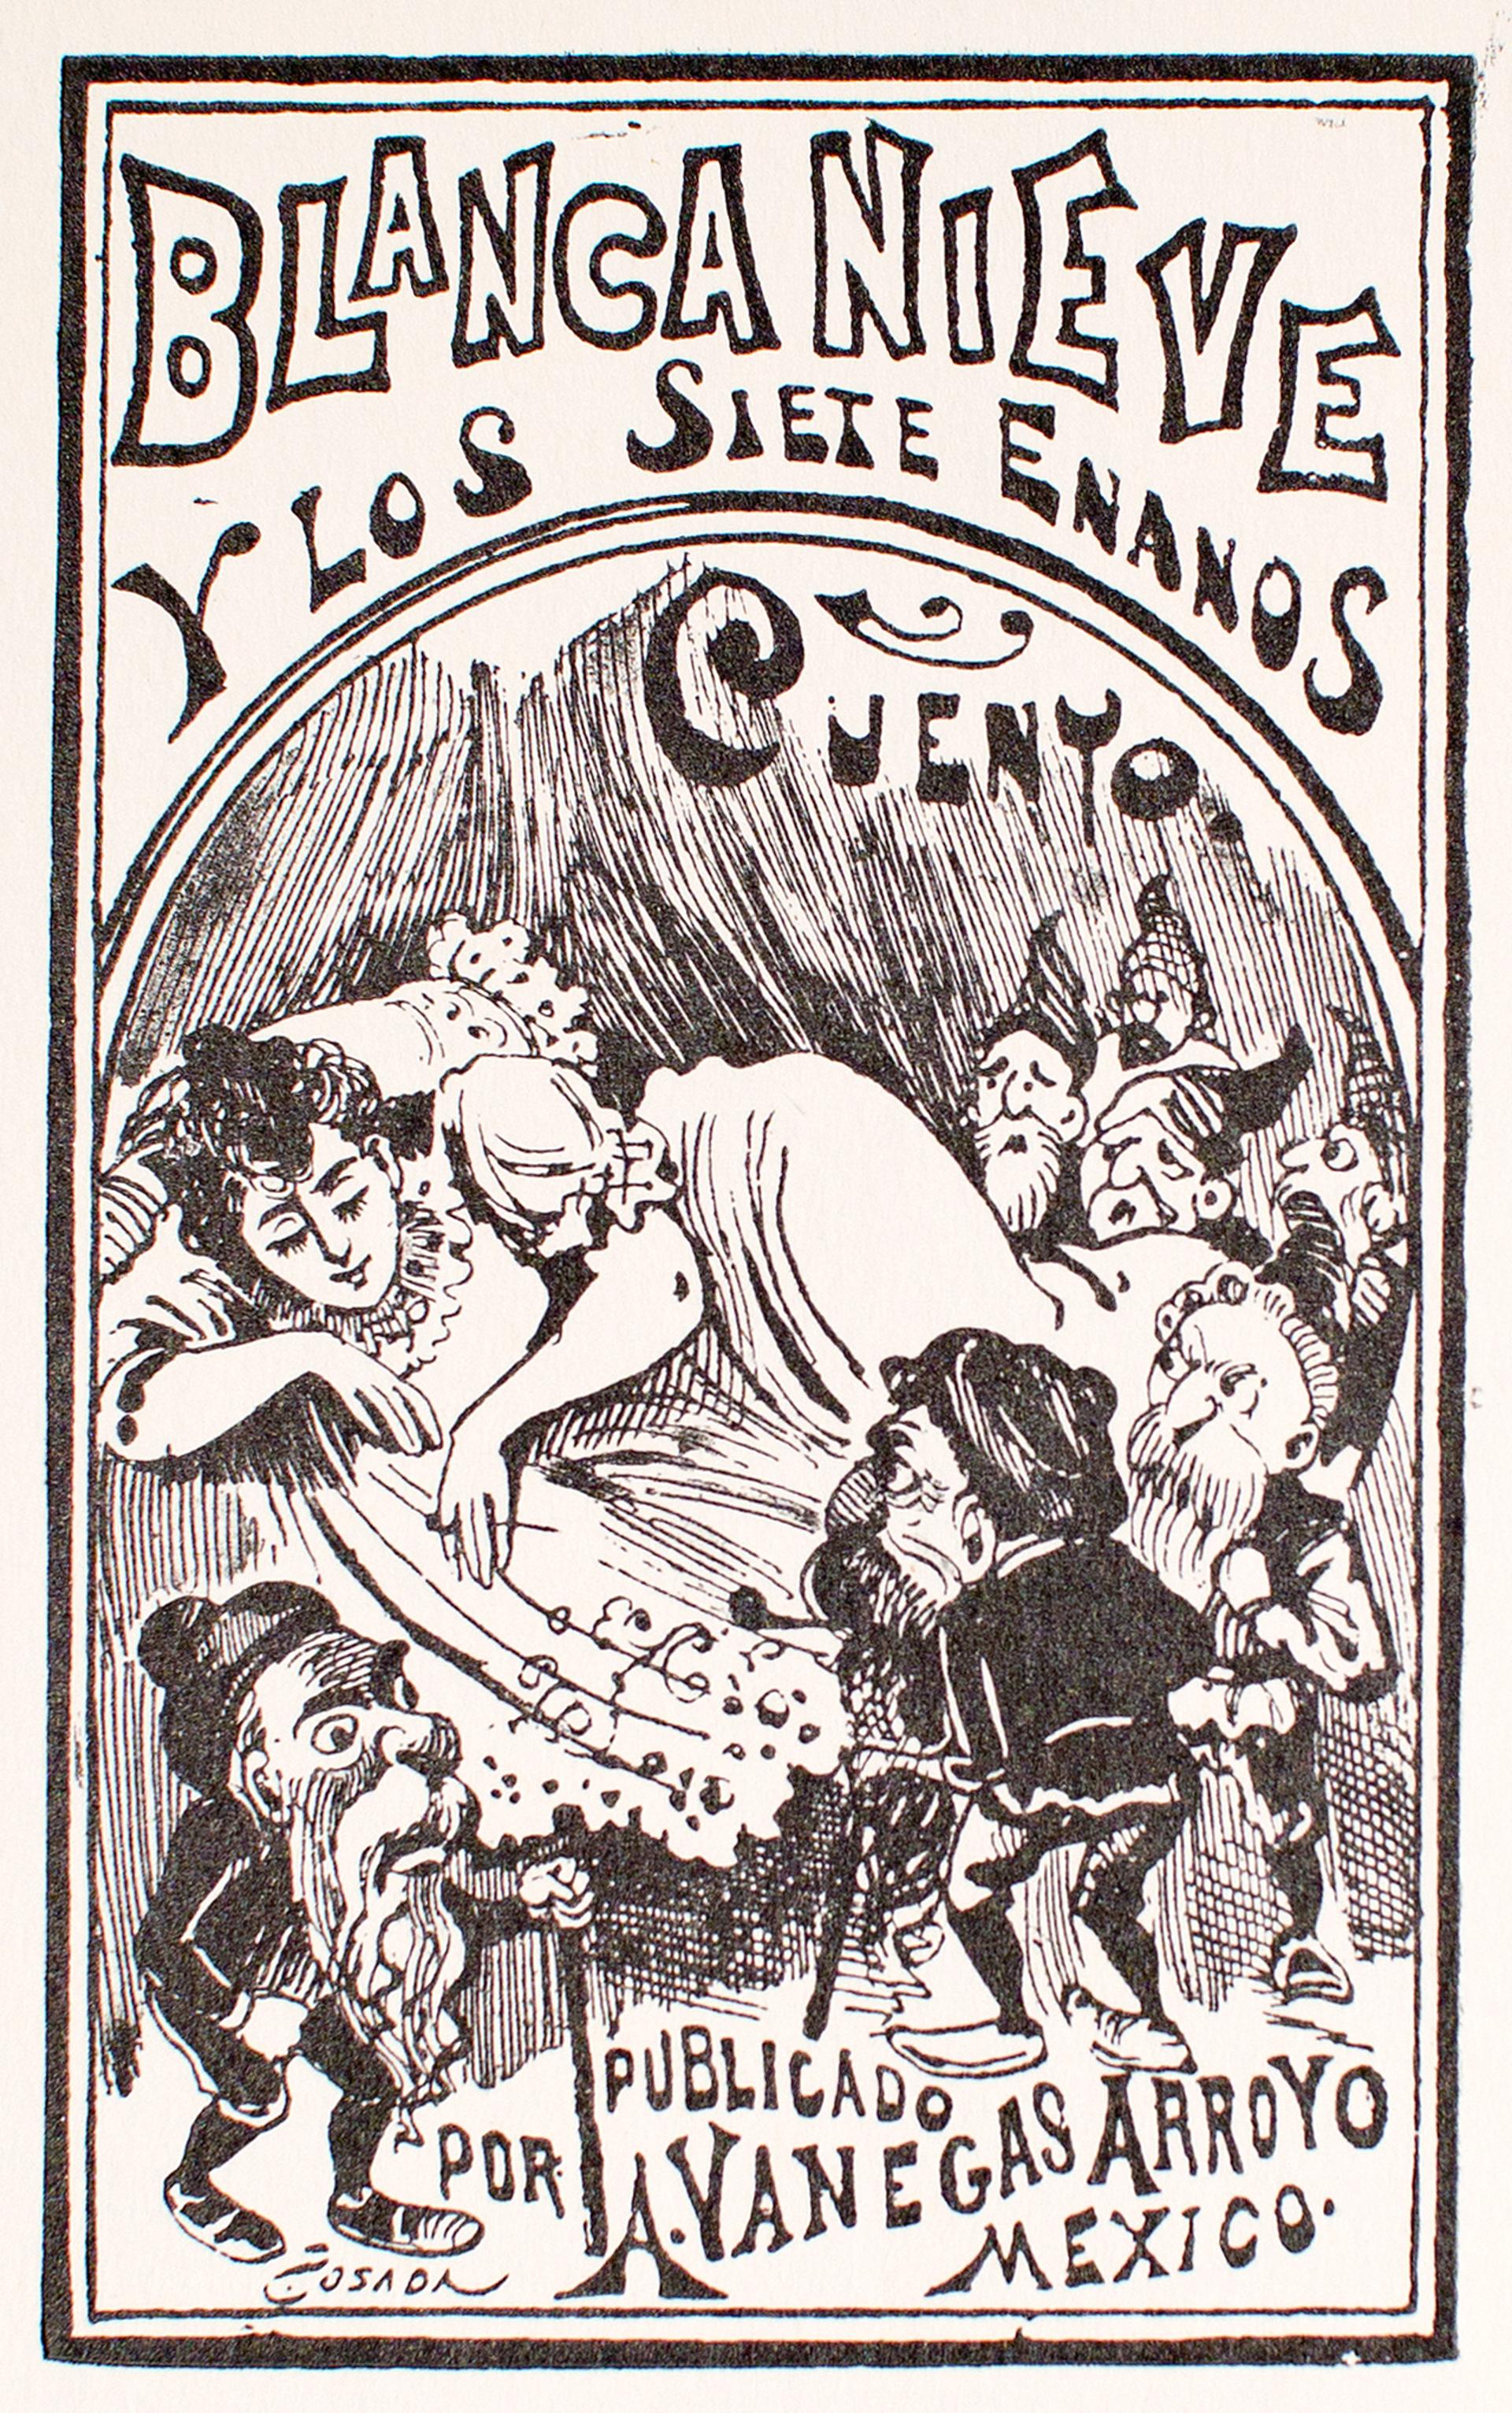 Blanca Nieve y los Siete Enanos by José Guadalupe Posada (1852 - 1913)